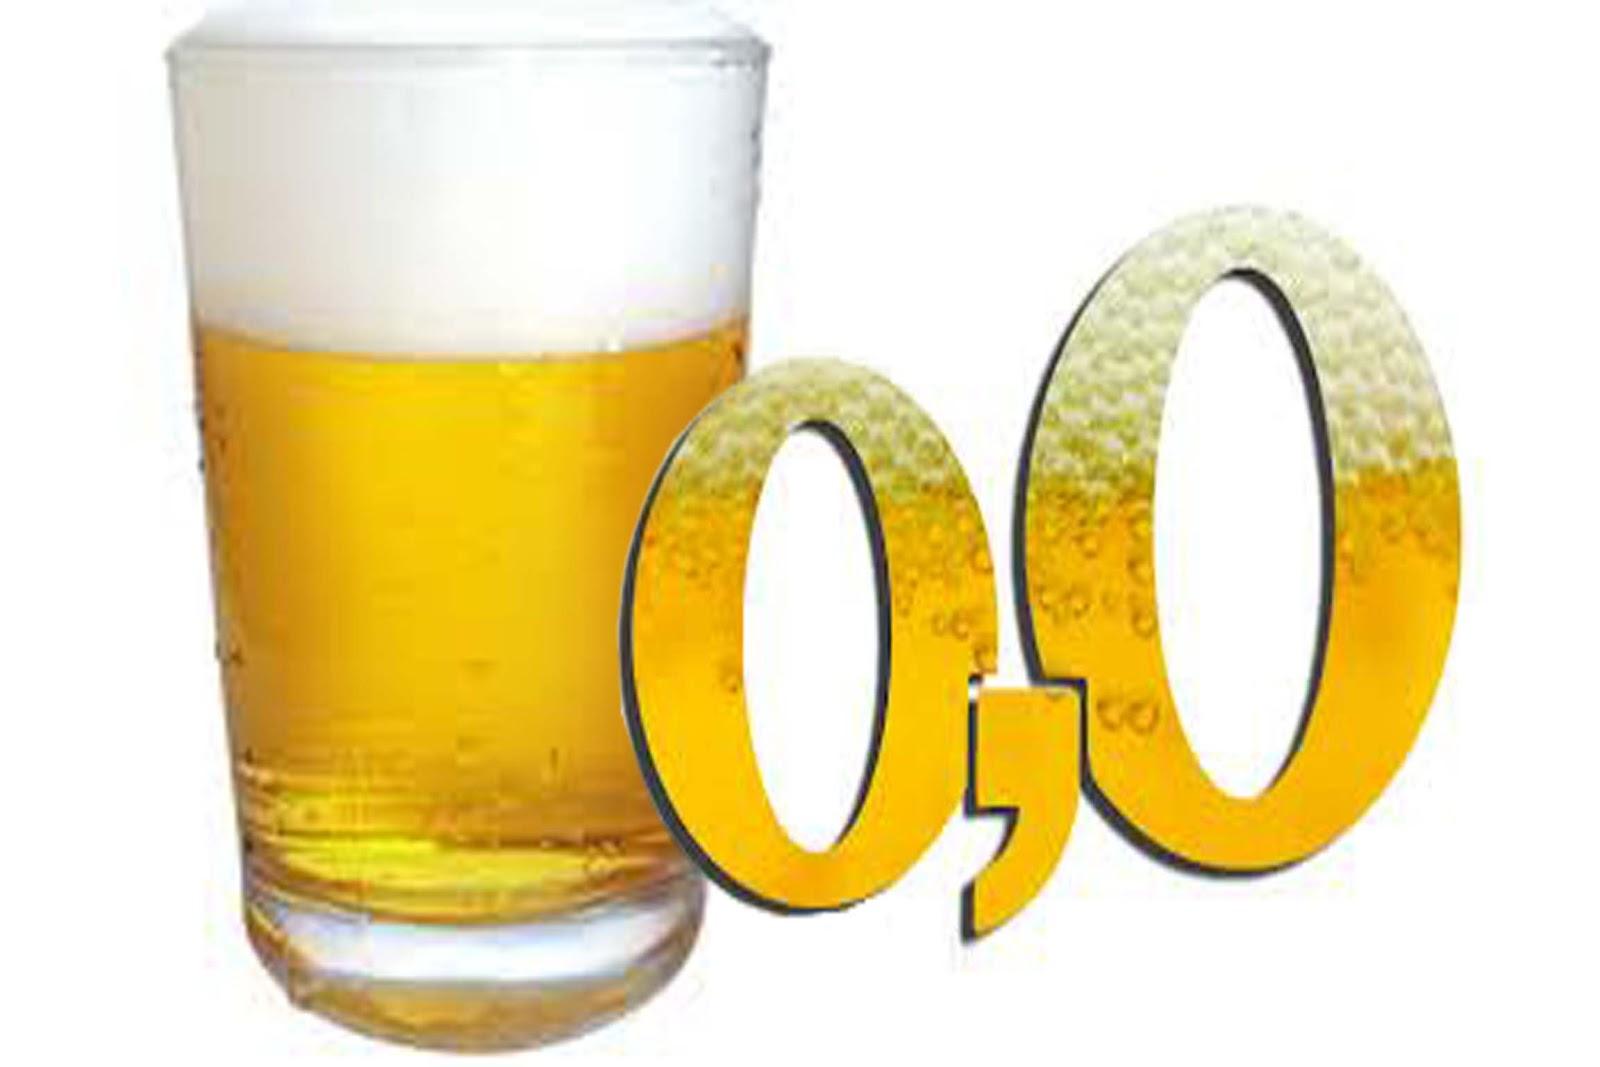 Beneficios de la cerveza sin alcohol